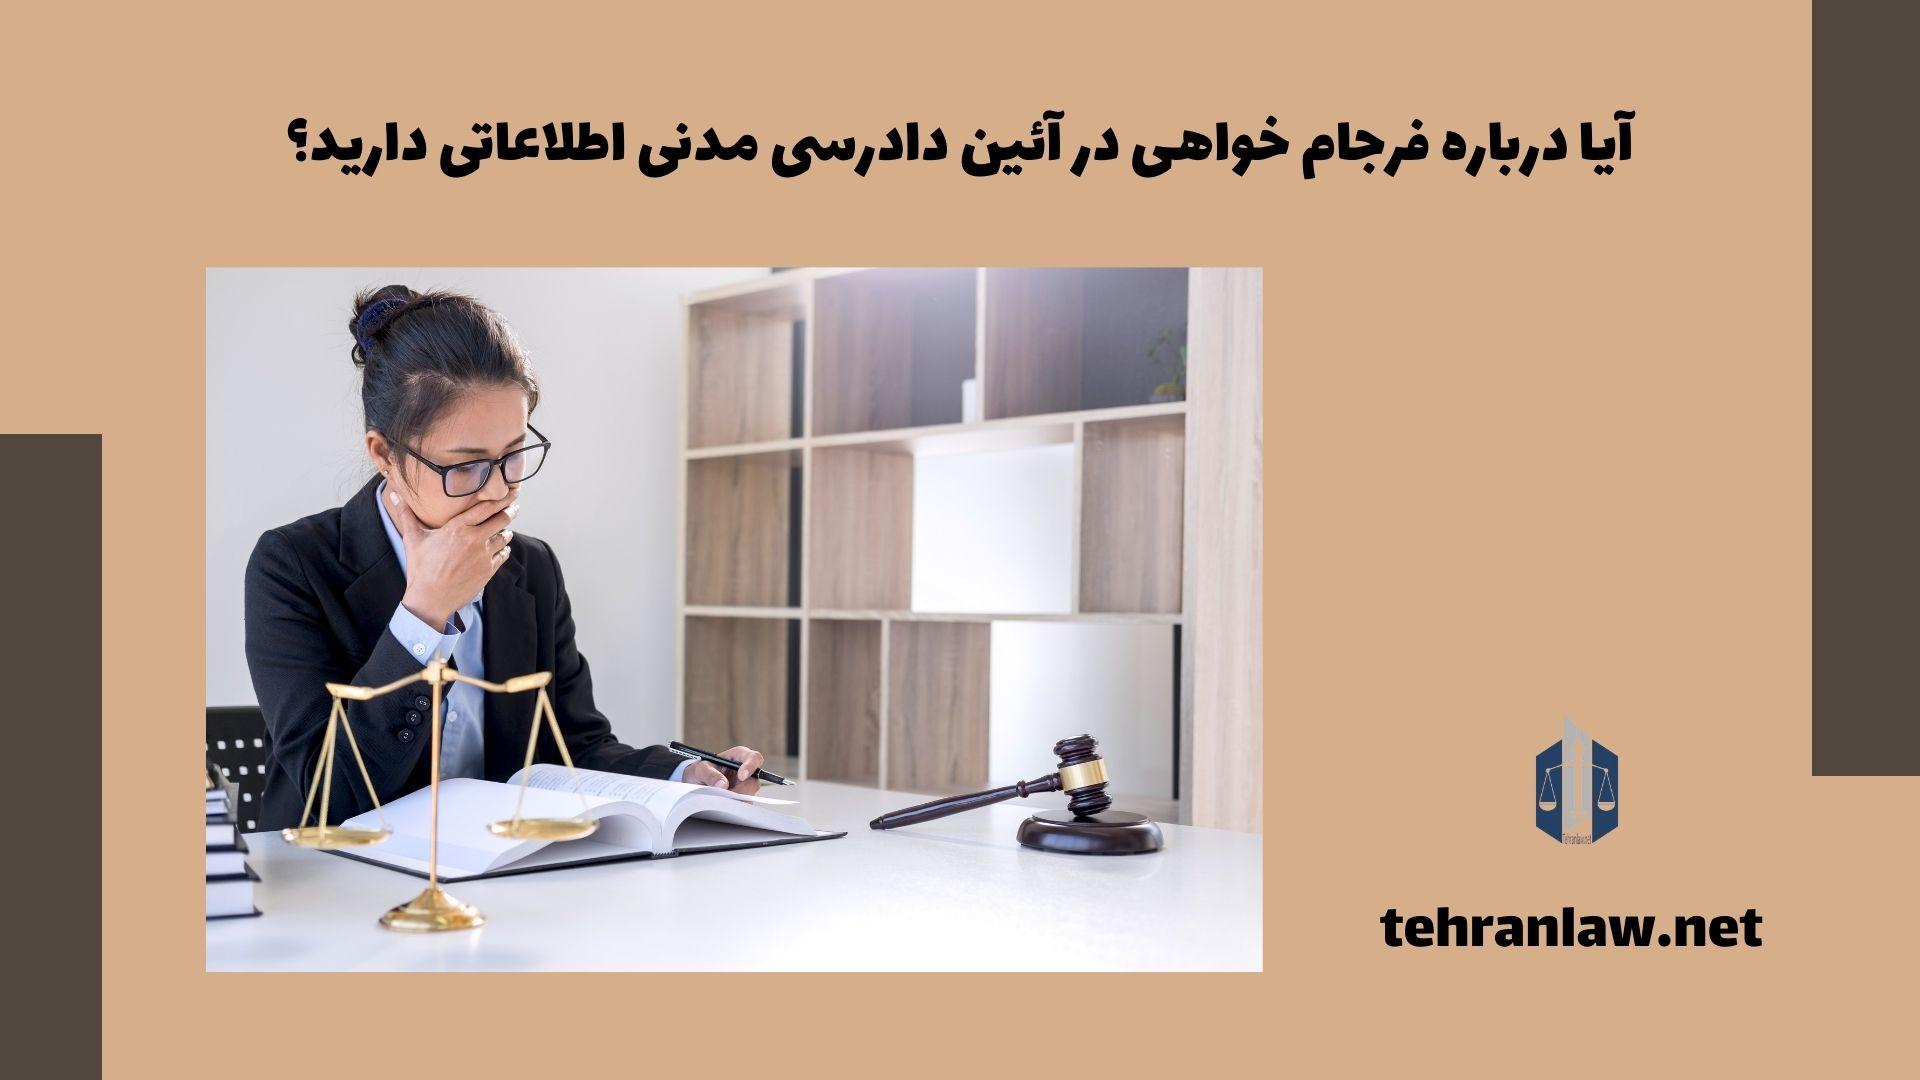 آیا درباره فرجام خواهی در آئین دادرسی مدنی اطلاعاتی دارید؟